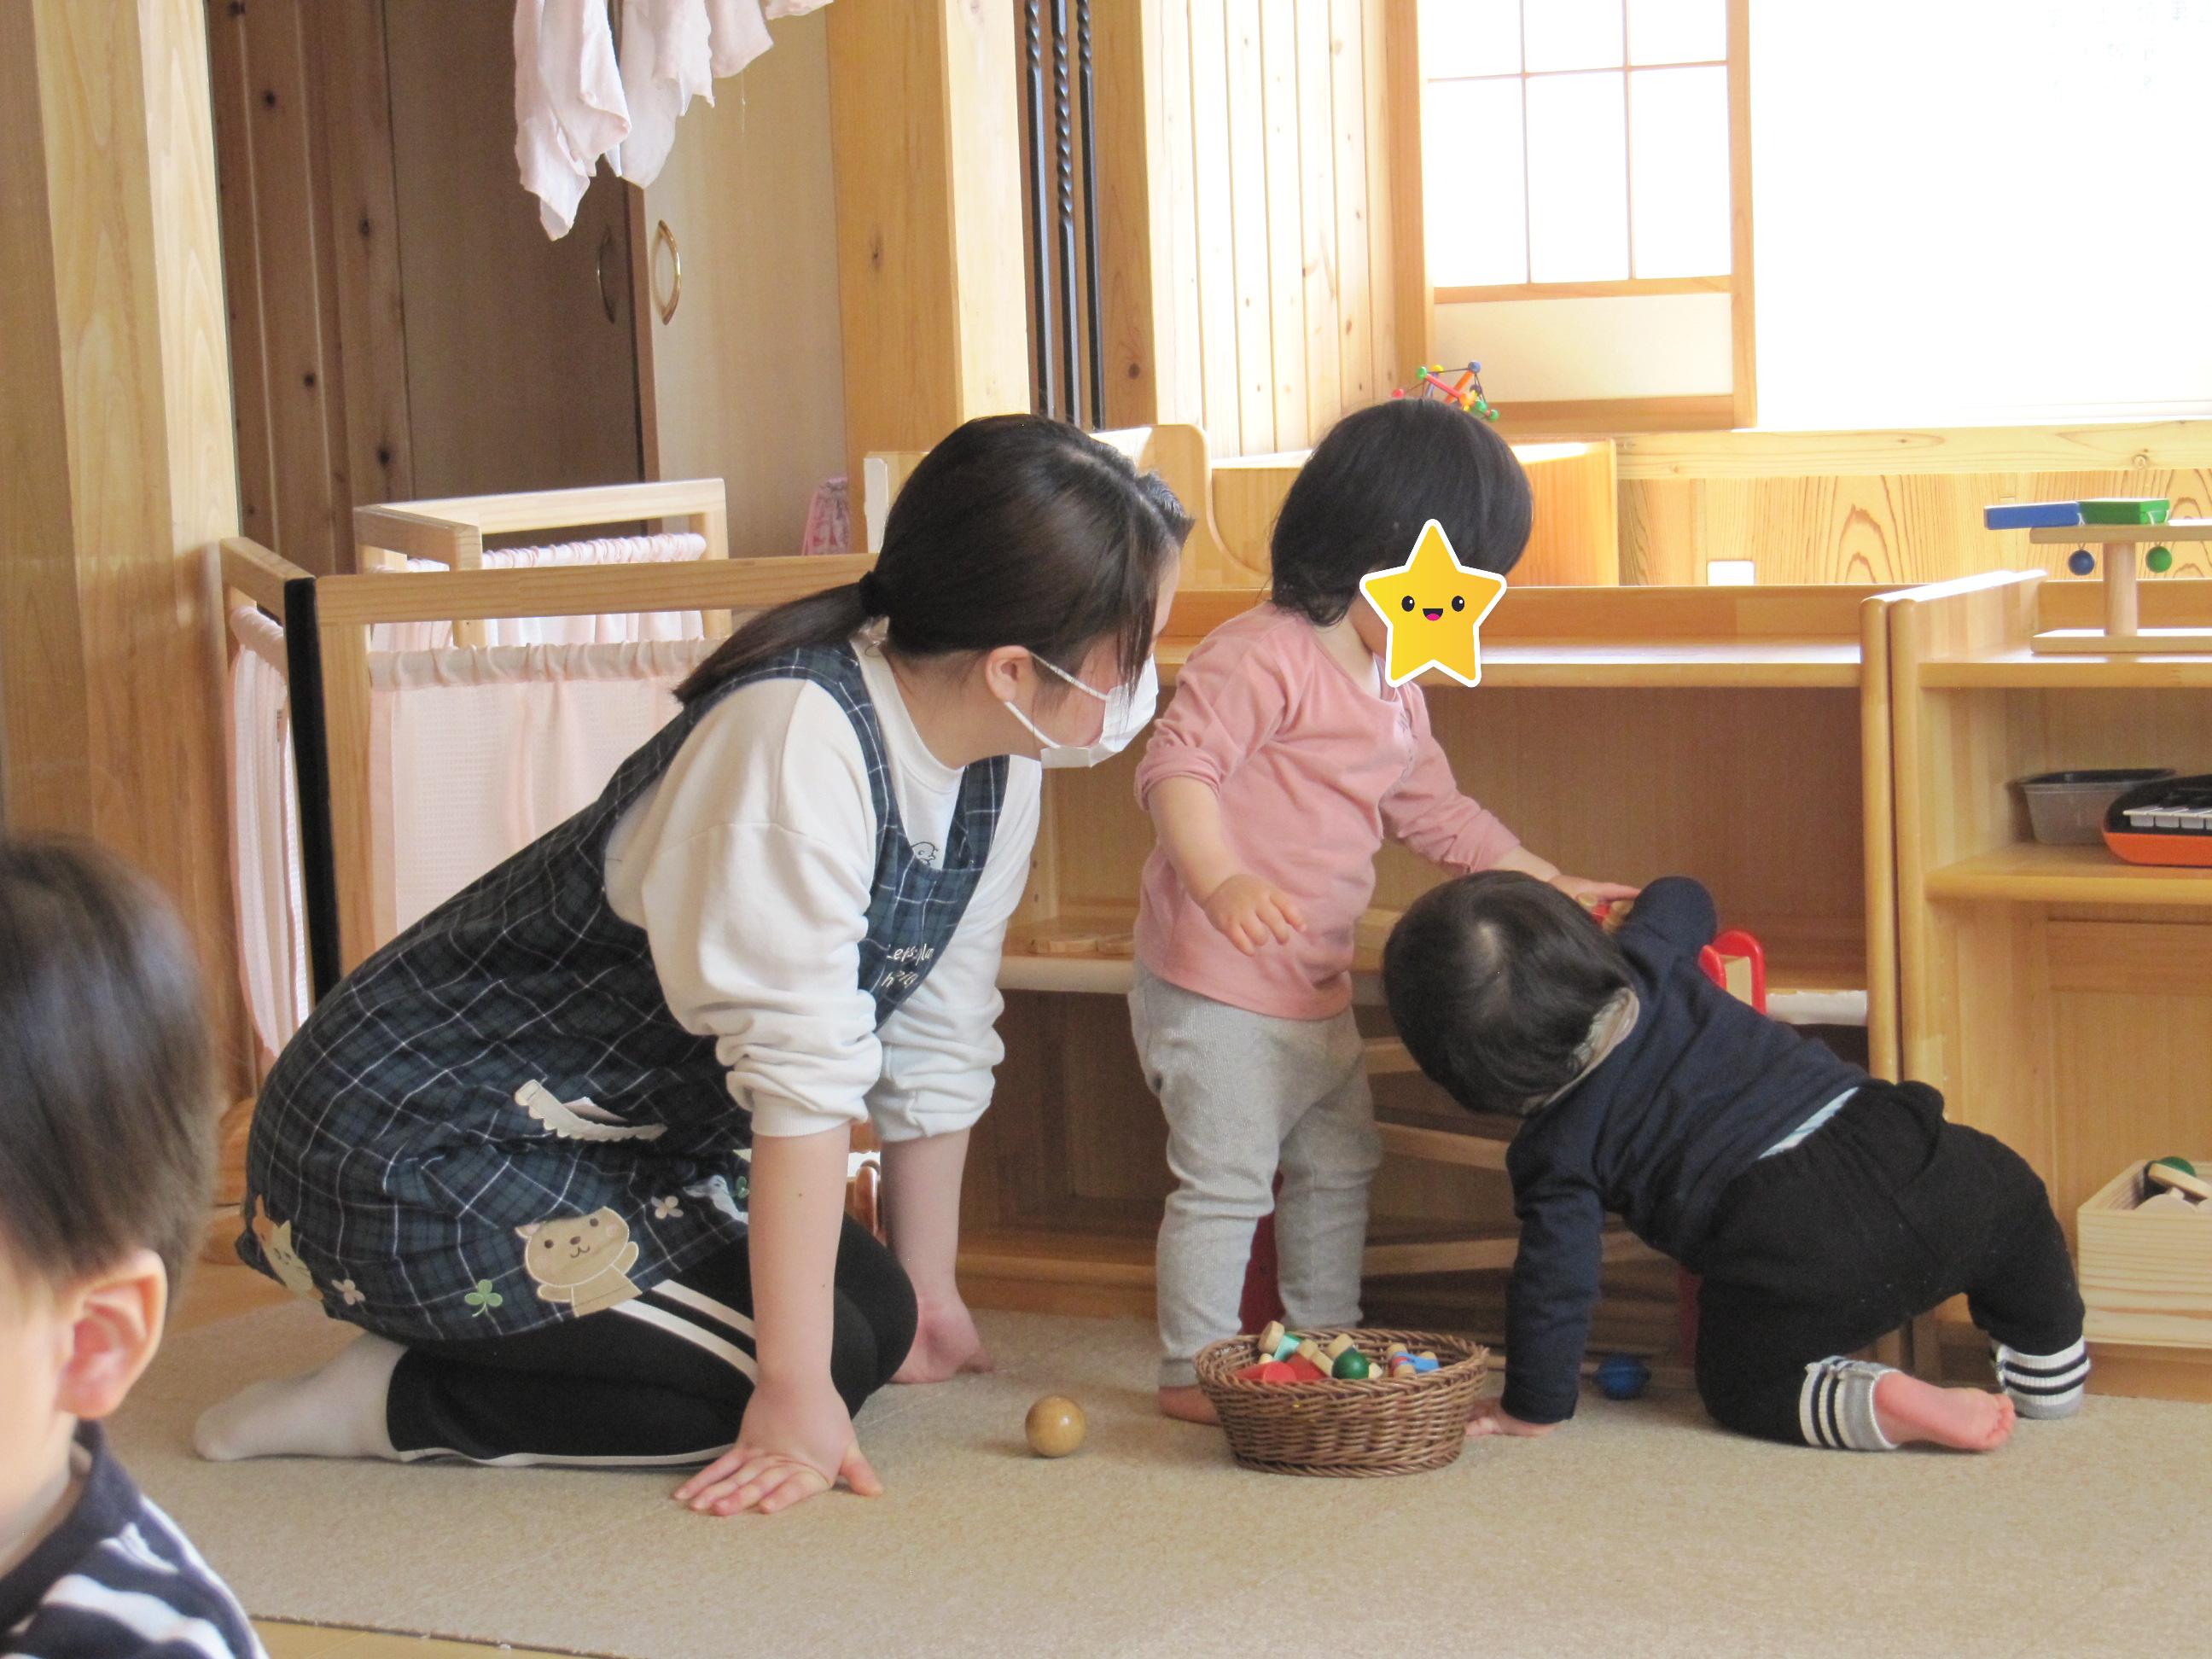 屯田園 どんぐり組さん、くり組さんも木のおもちゃ大好き😊